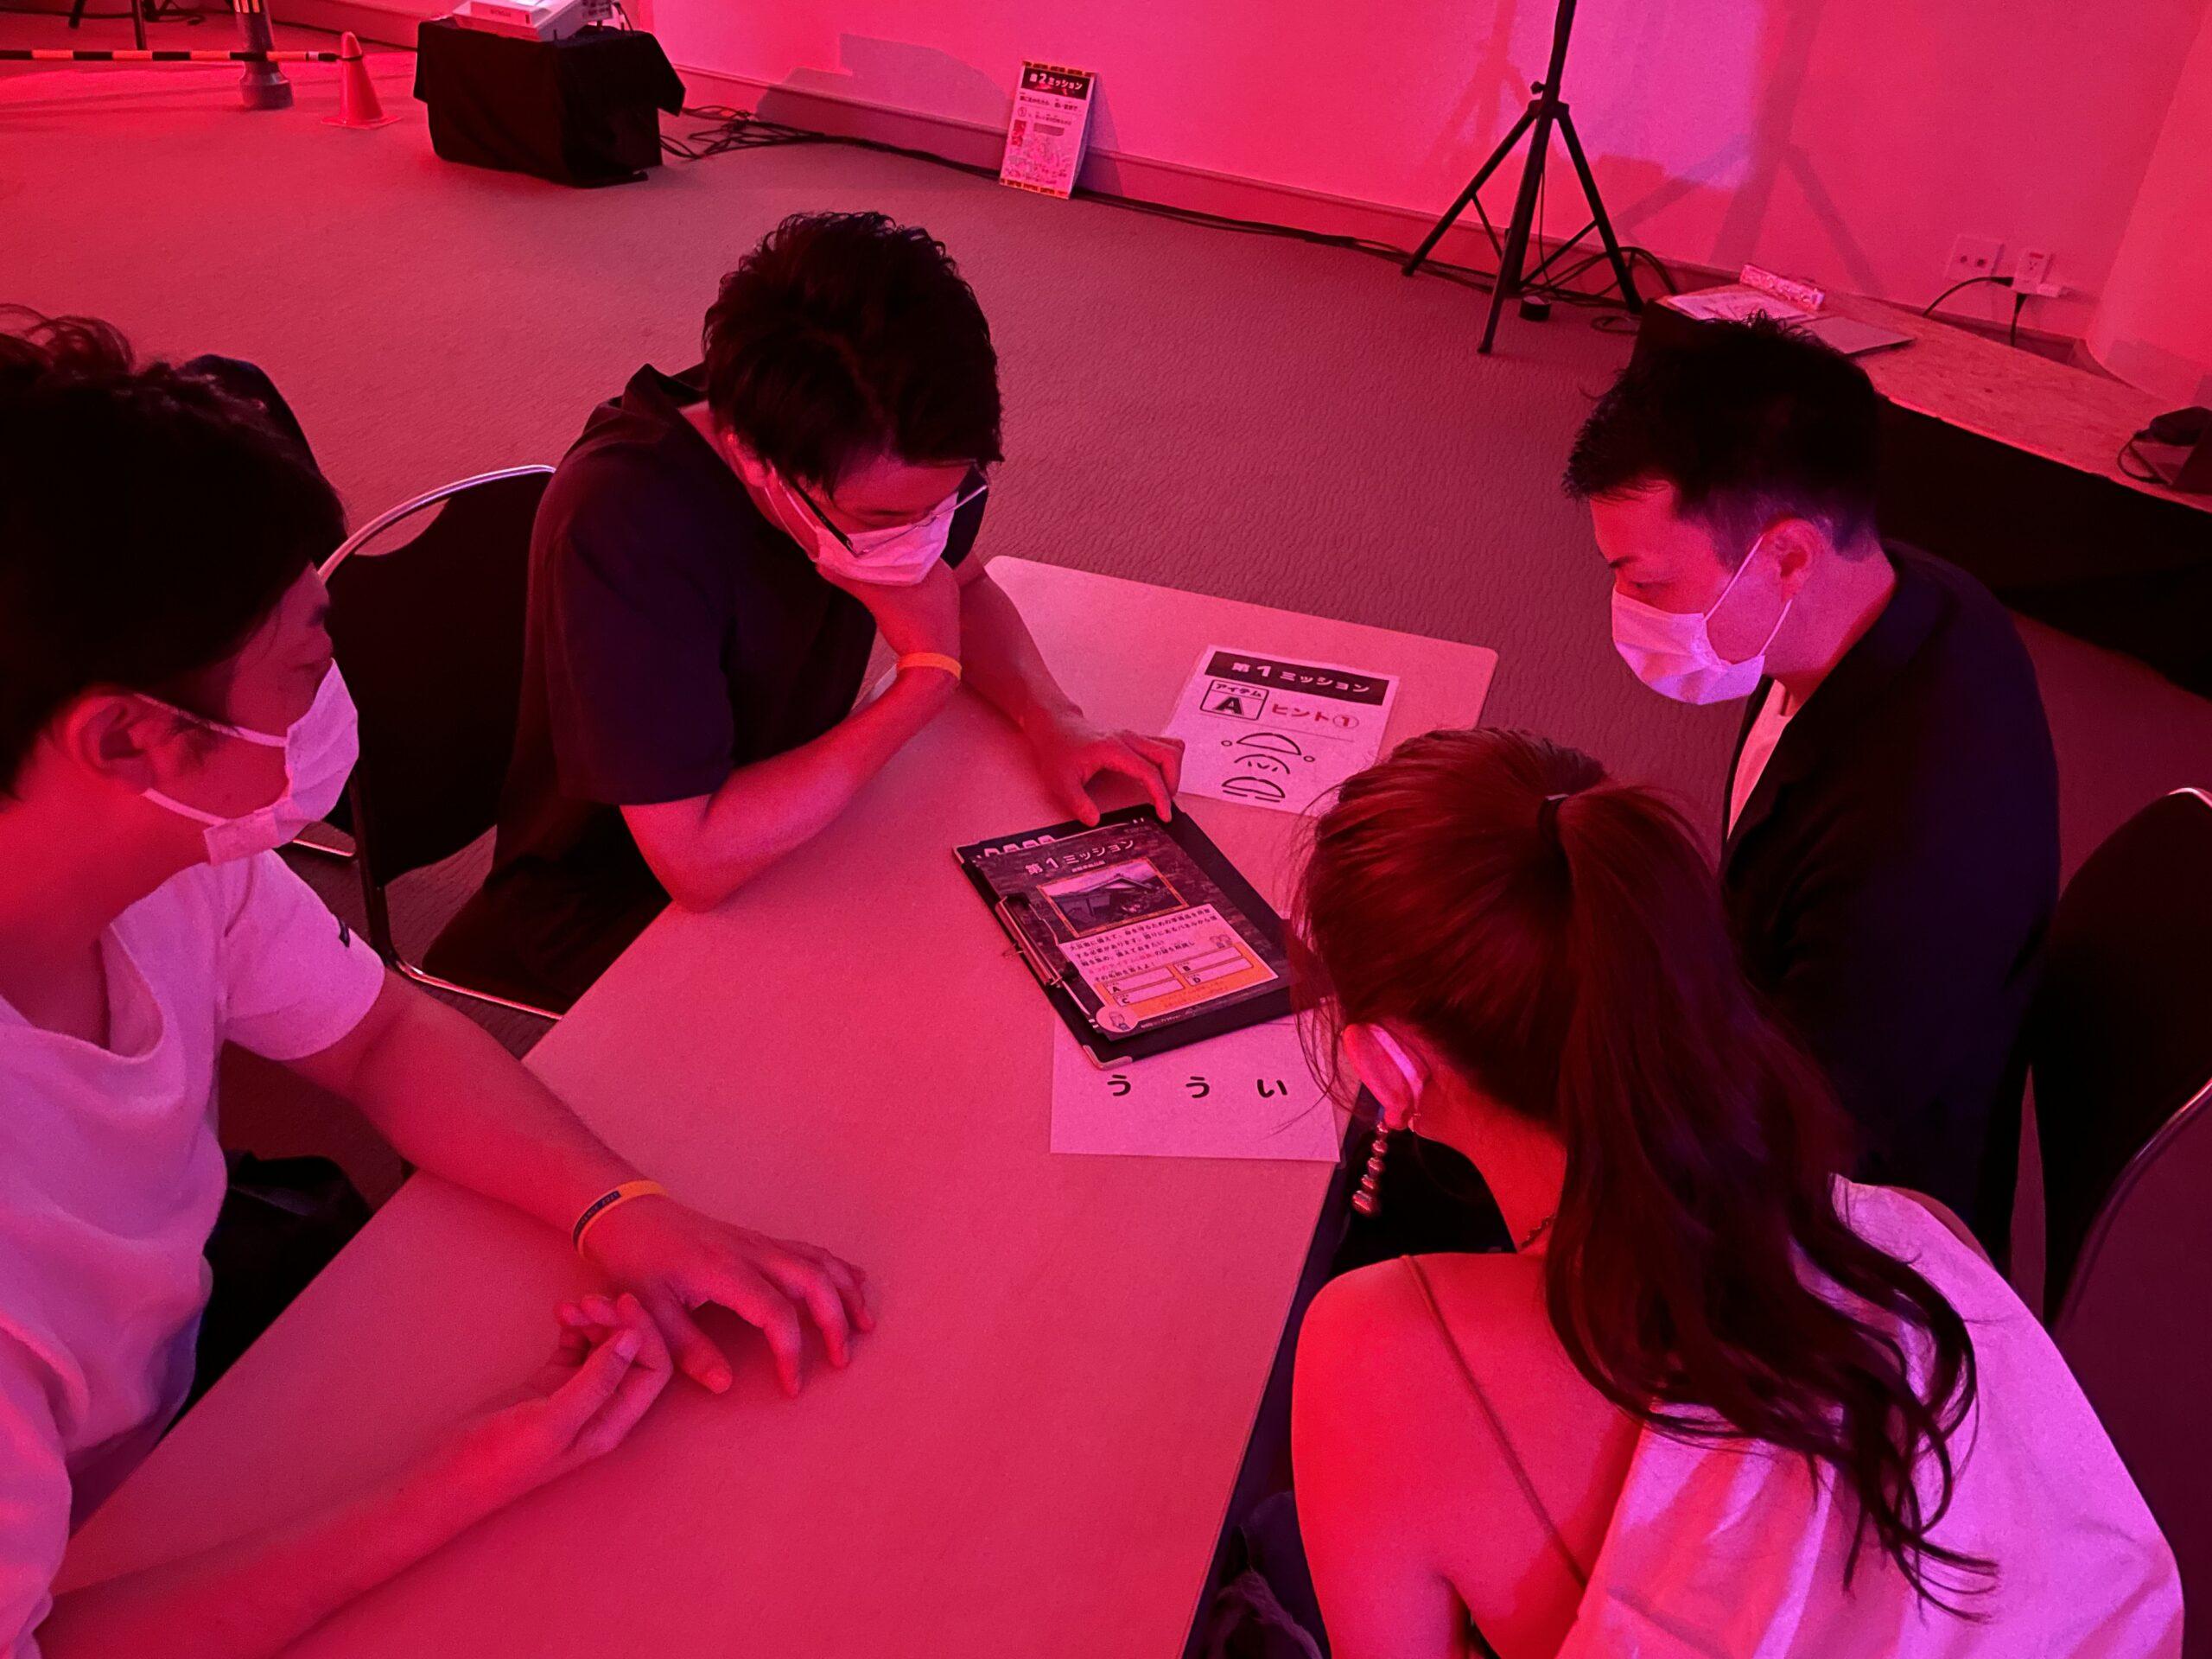 日本青年会議所で行われた新しい体験型の避難訓練